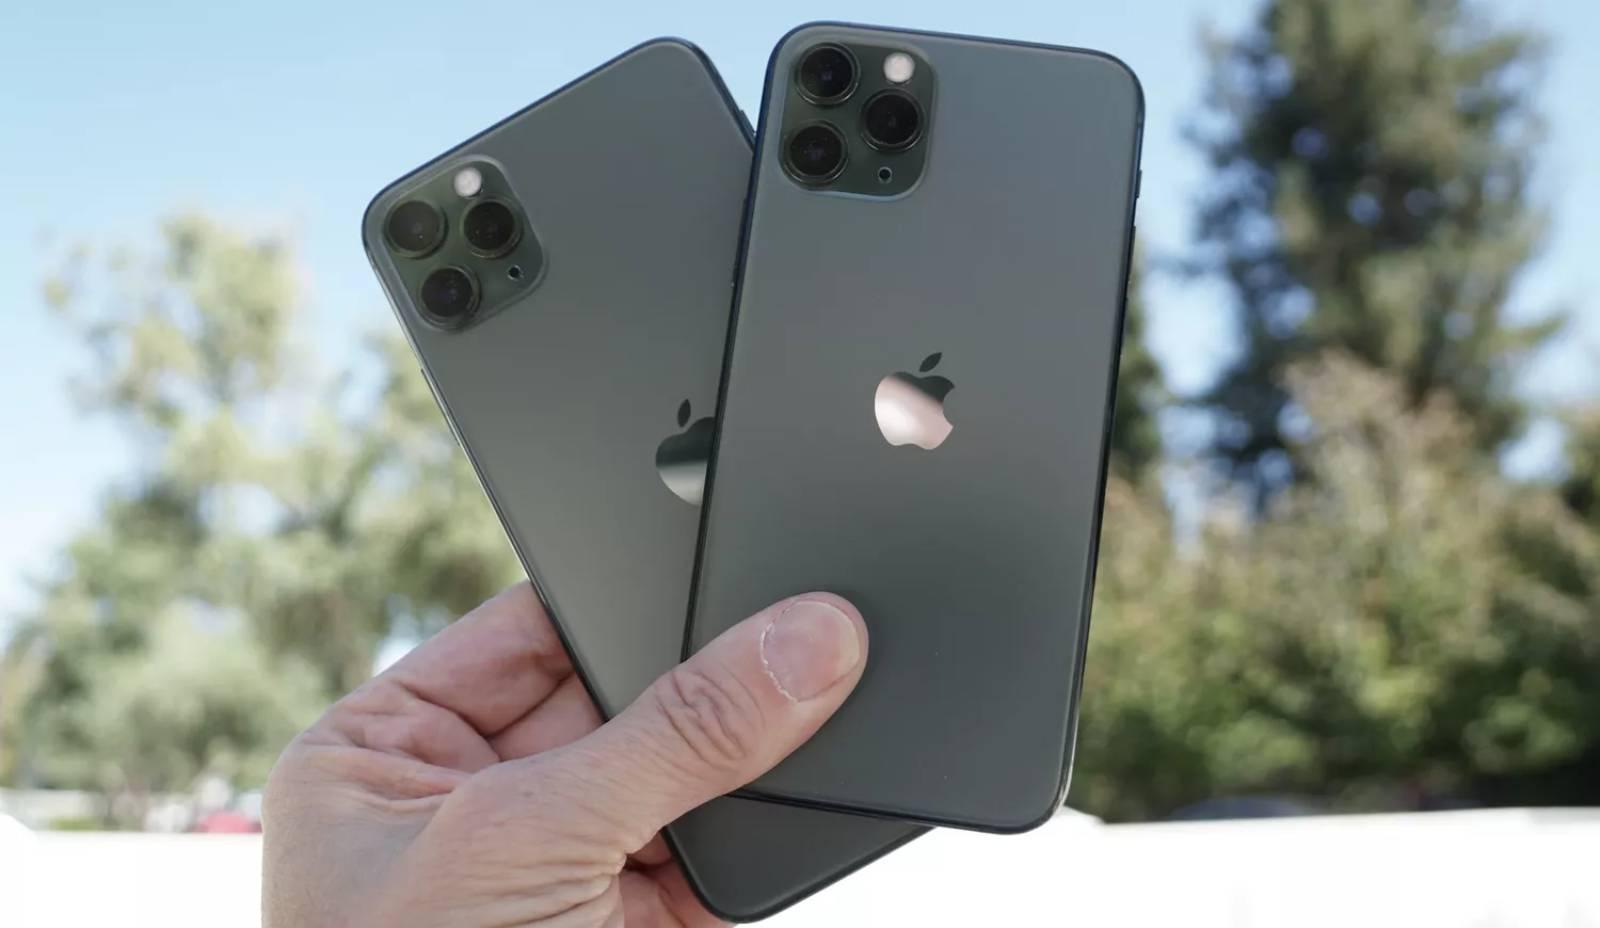 emag probleme livrari iphone 11